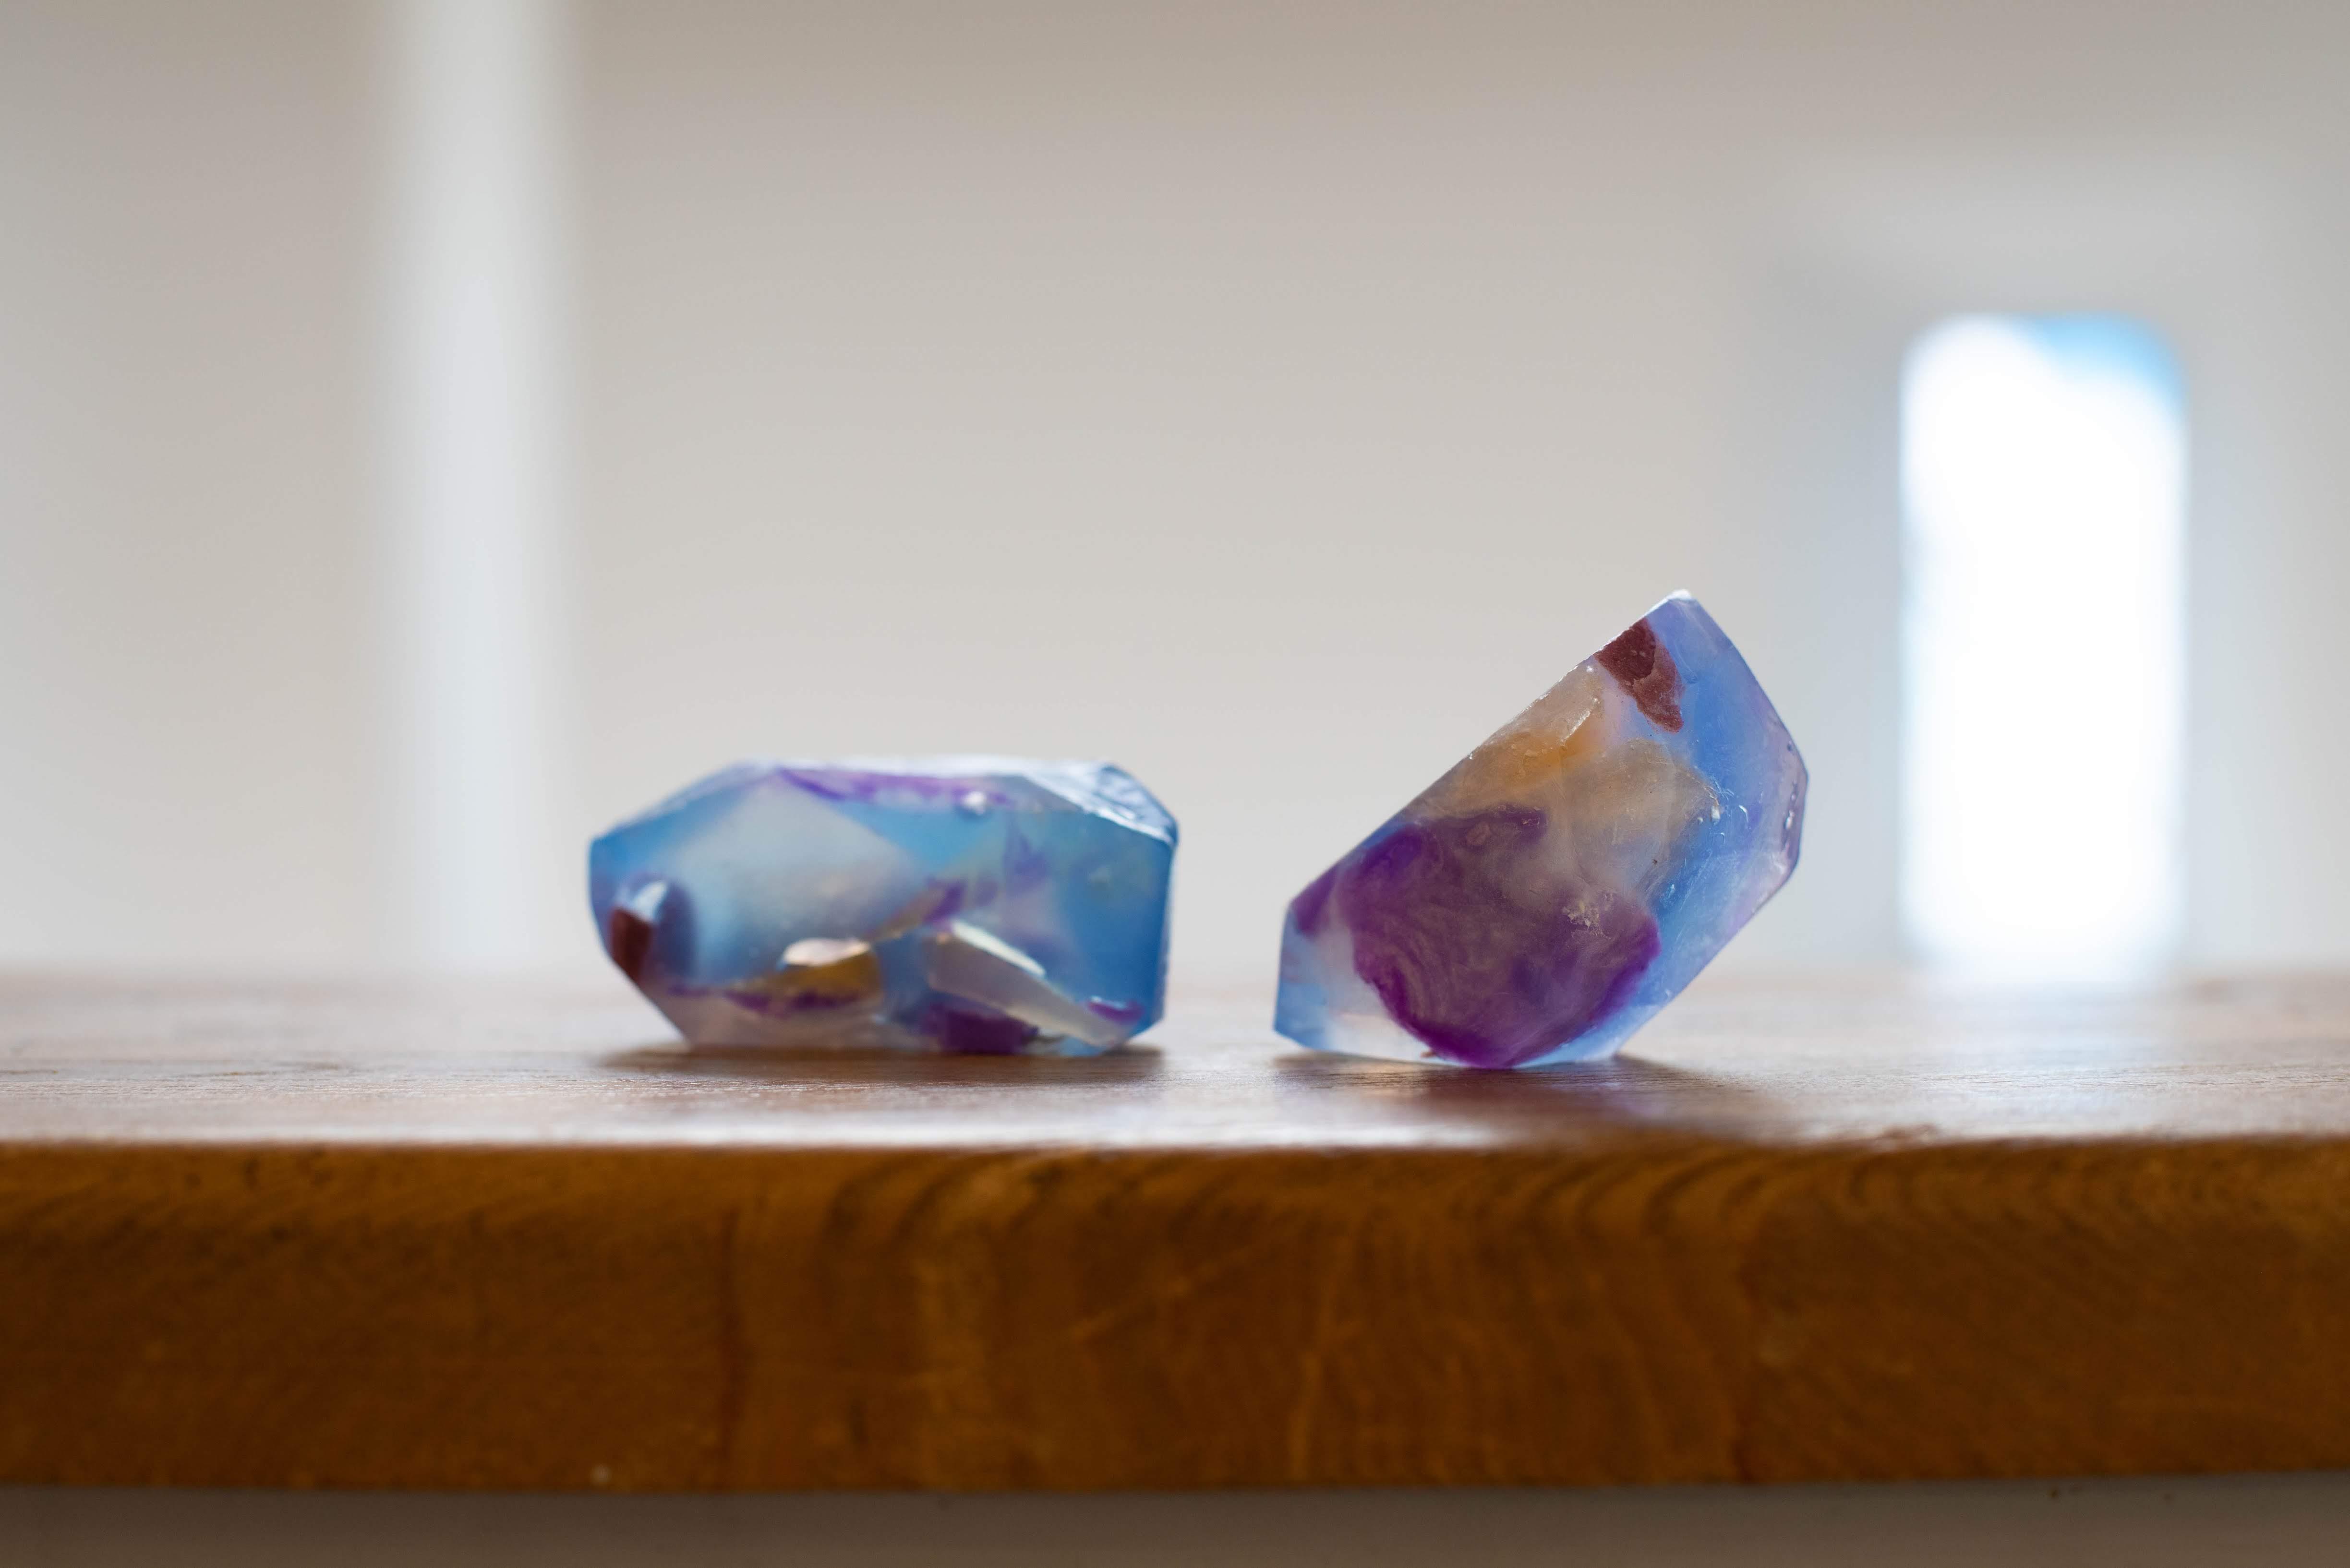 宝石石鹸のブルーの光